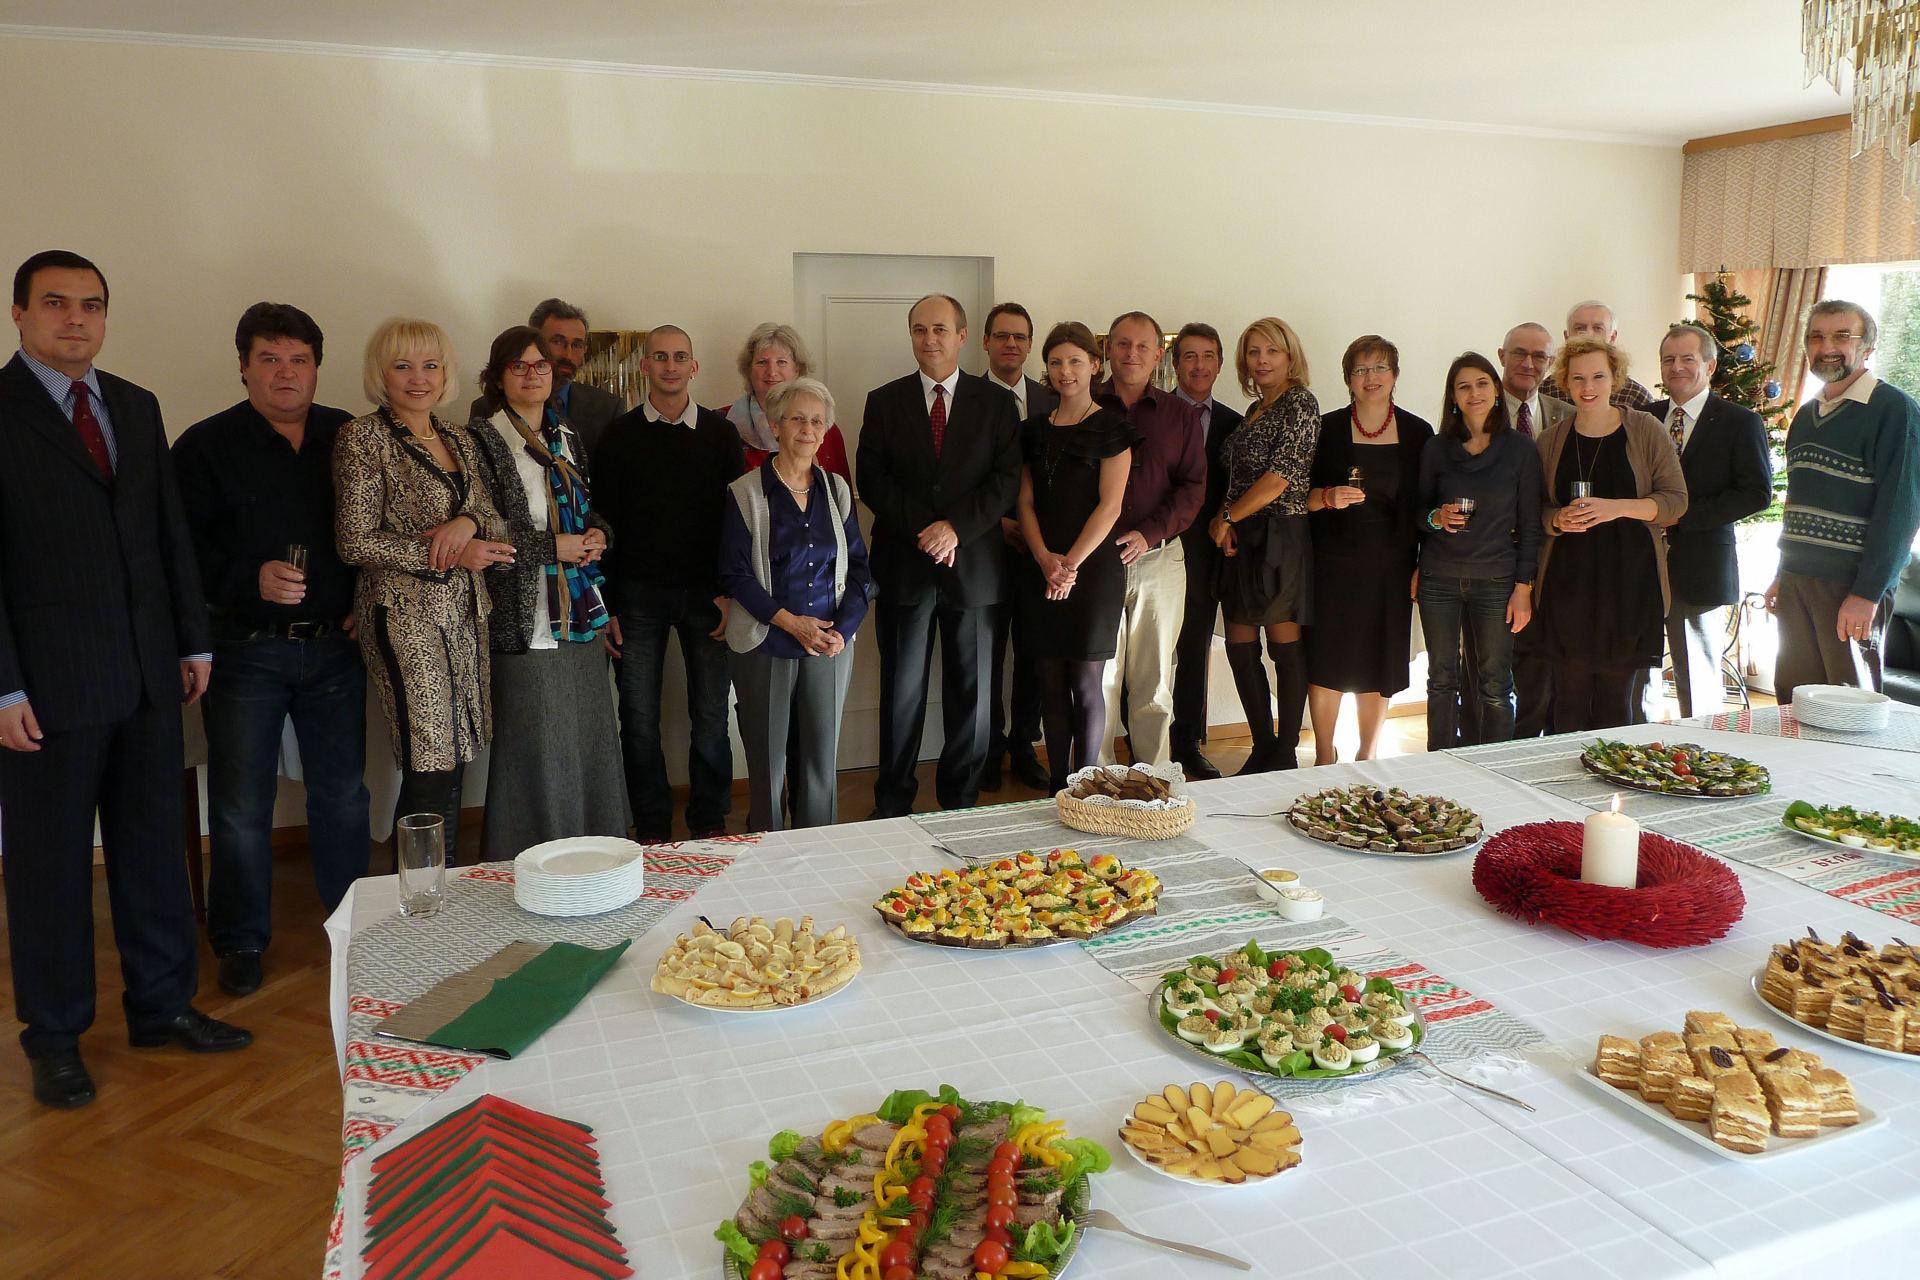 Weihnachtsfeier in der Belarussischen Botschaft